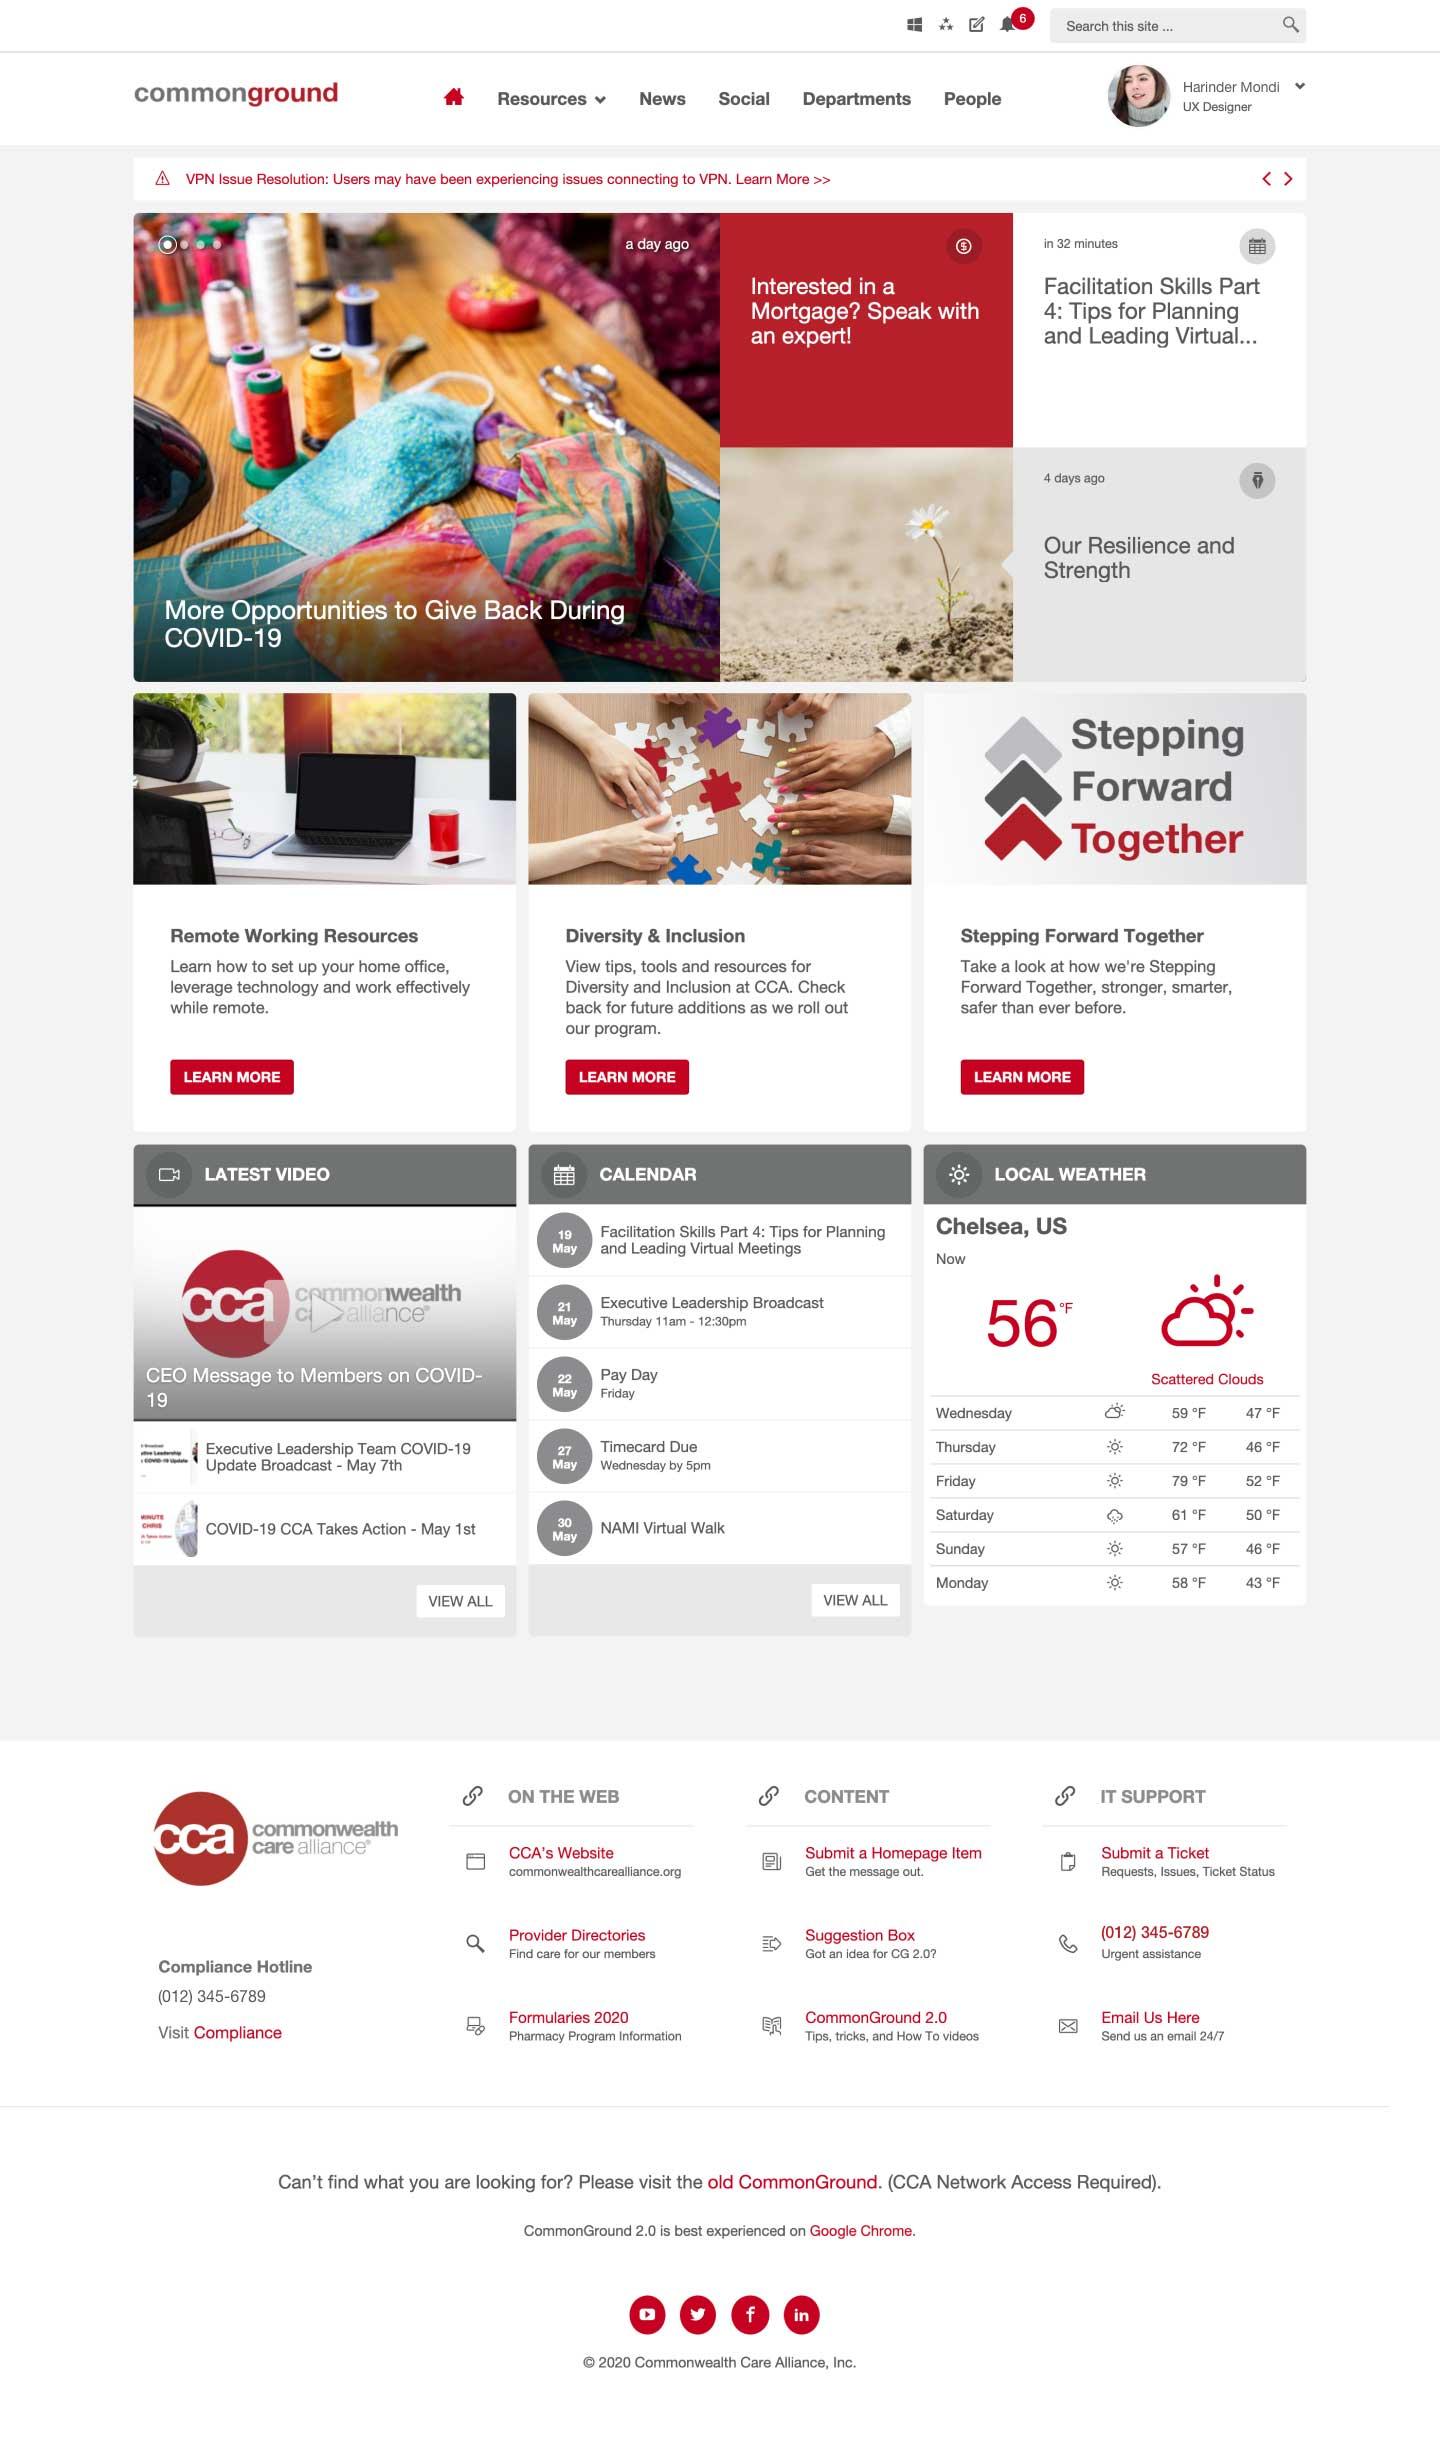 Página de inicio de CCA Intranet